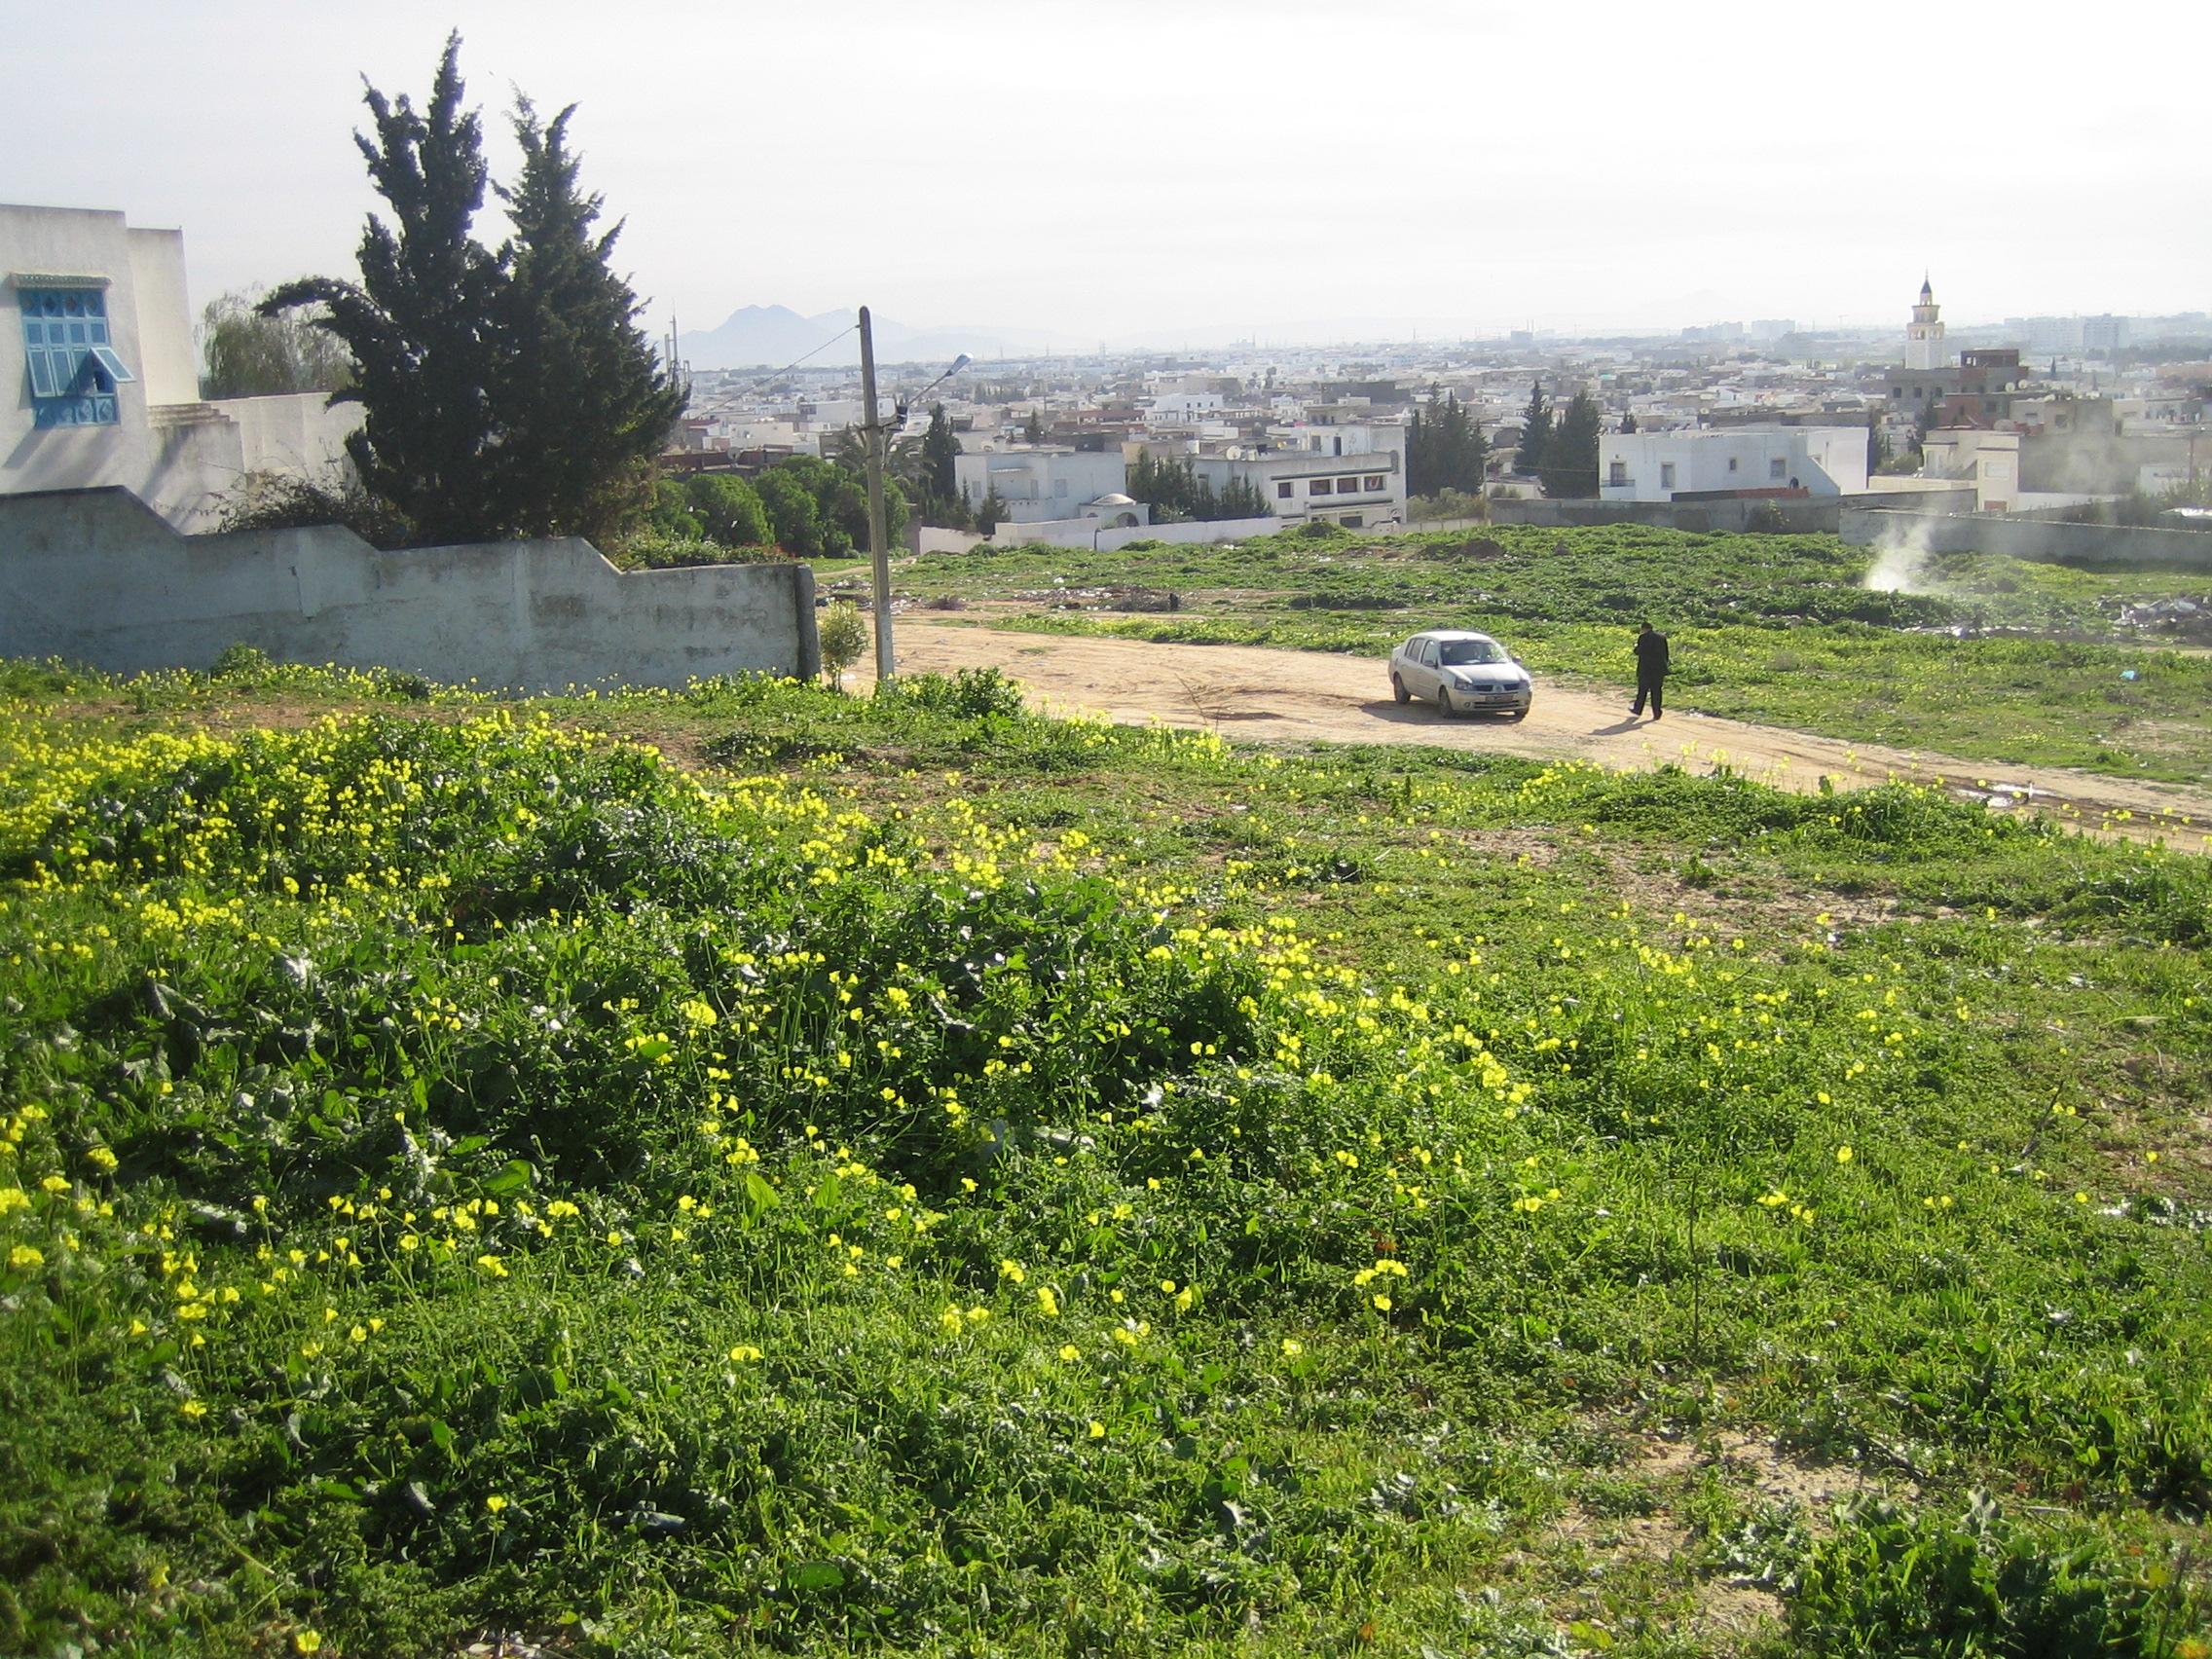 Vente achat terrain en tunisie vendre et acheter terrains for Acheter une maison en tunisie pas cher